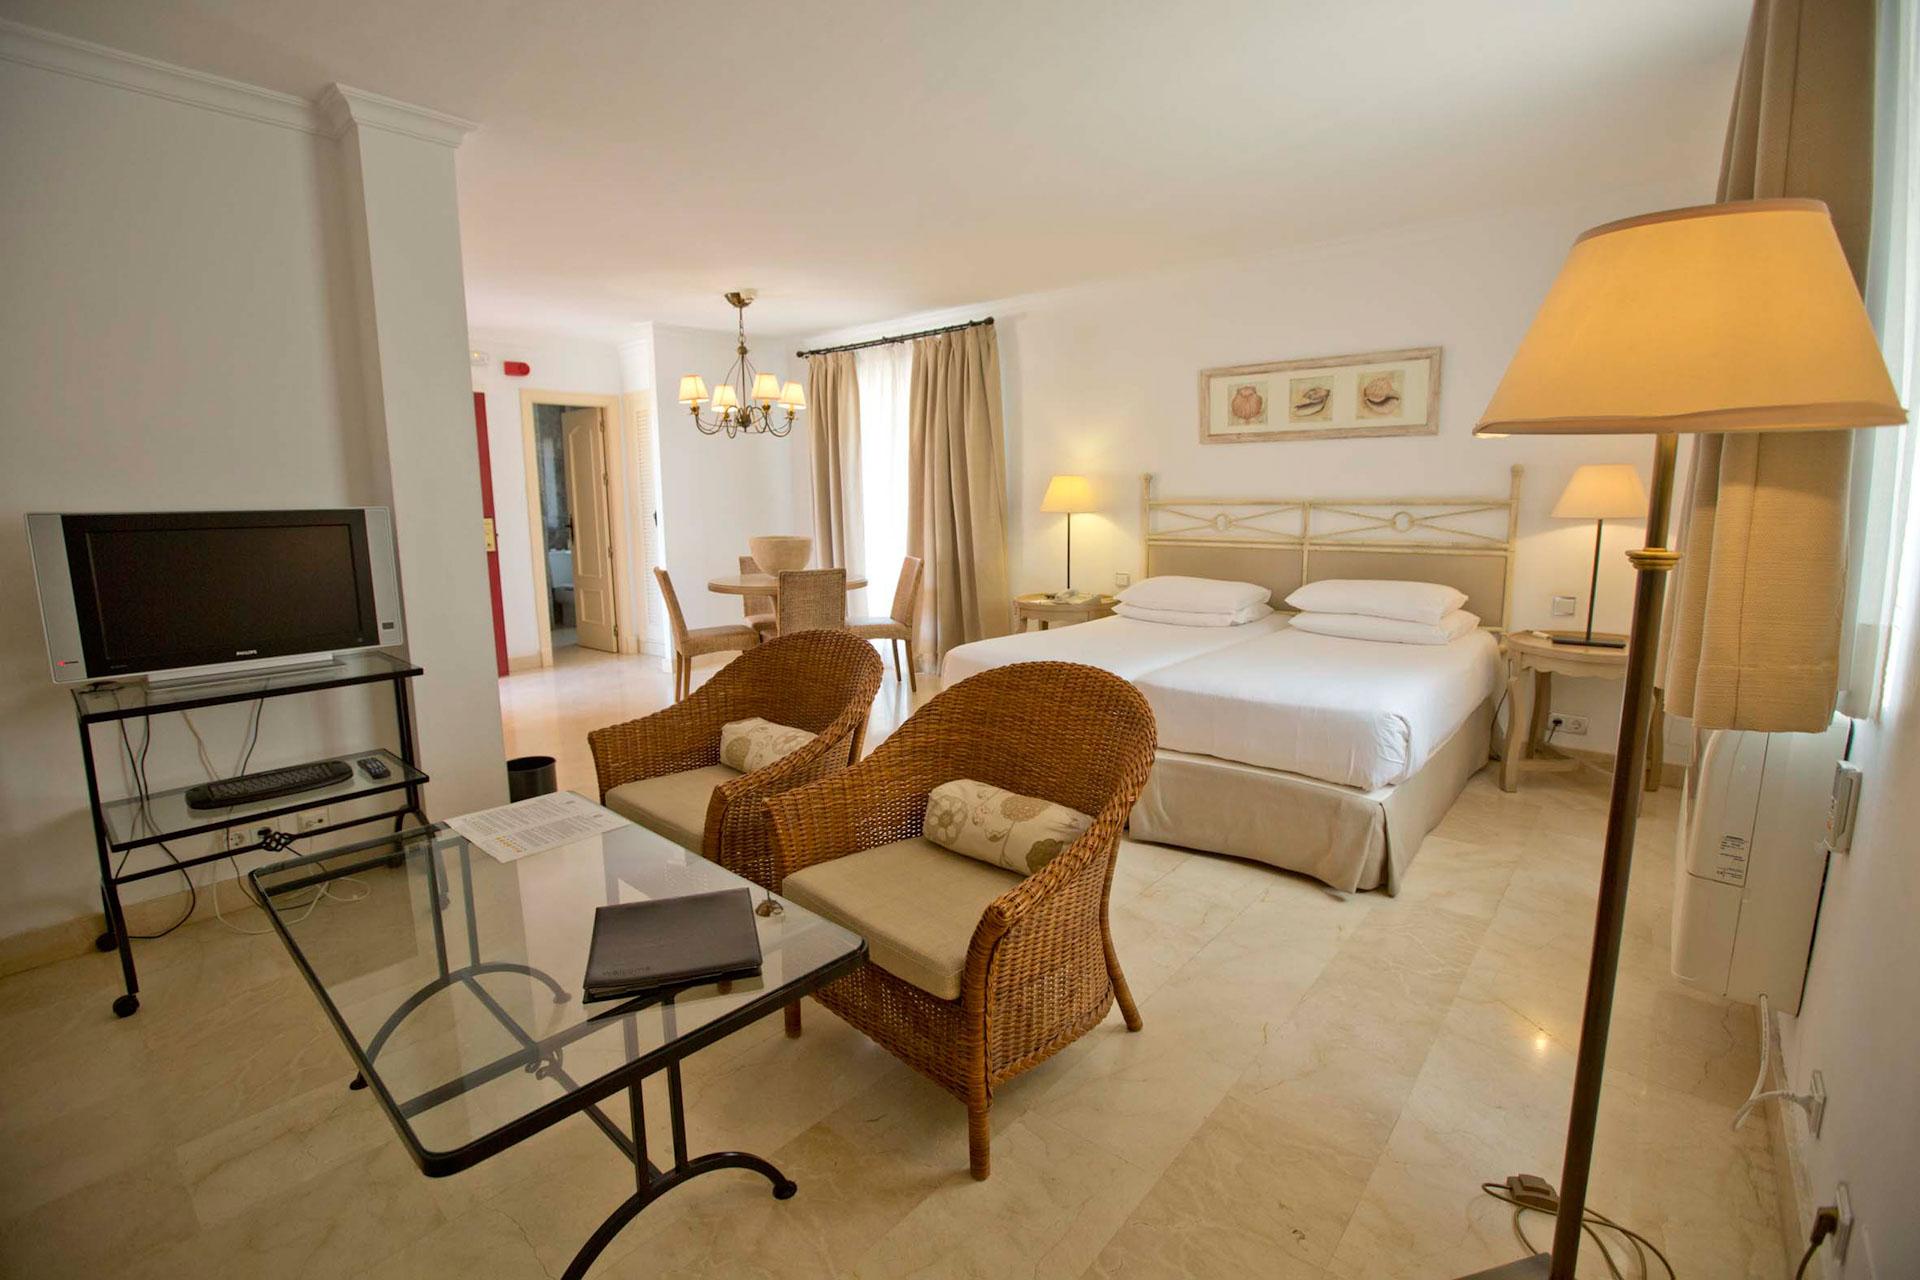 La Manga Club & Las Lomas Village & Principe Felipe Hotel-17291